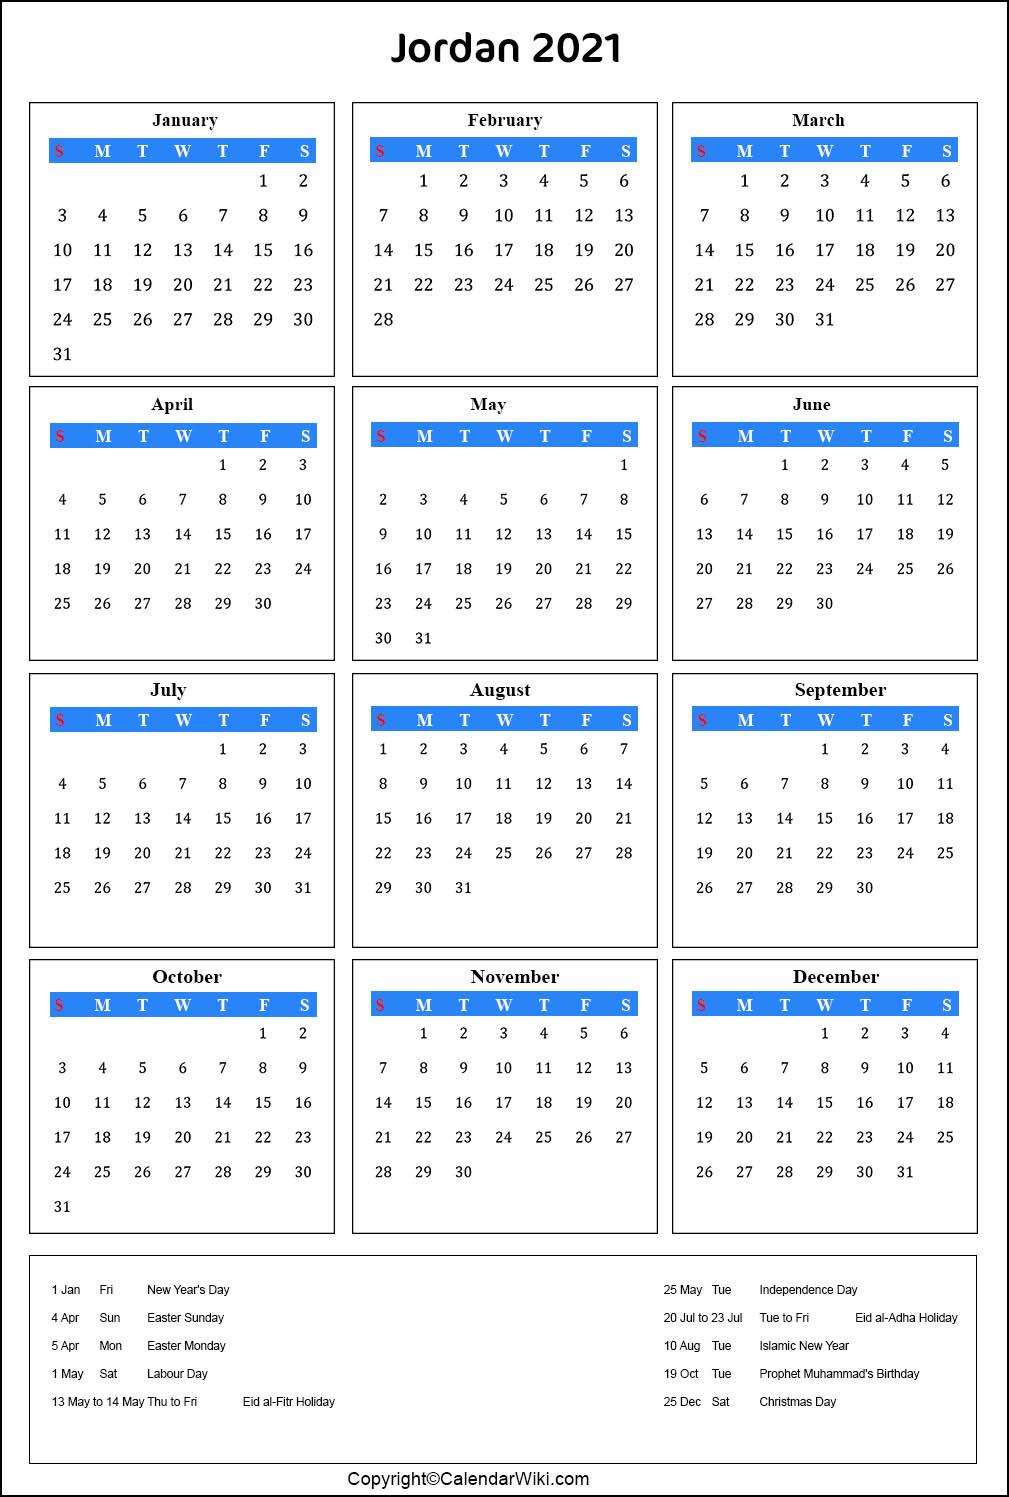 jordan calendar 2021